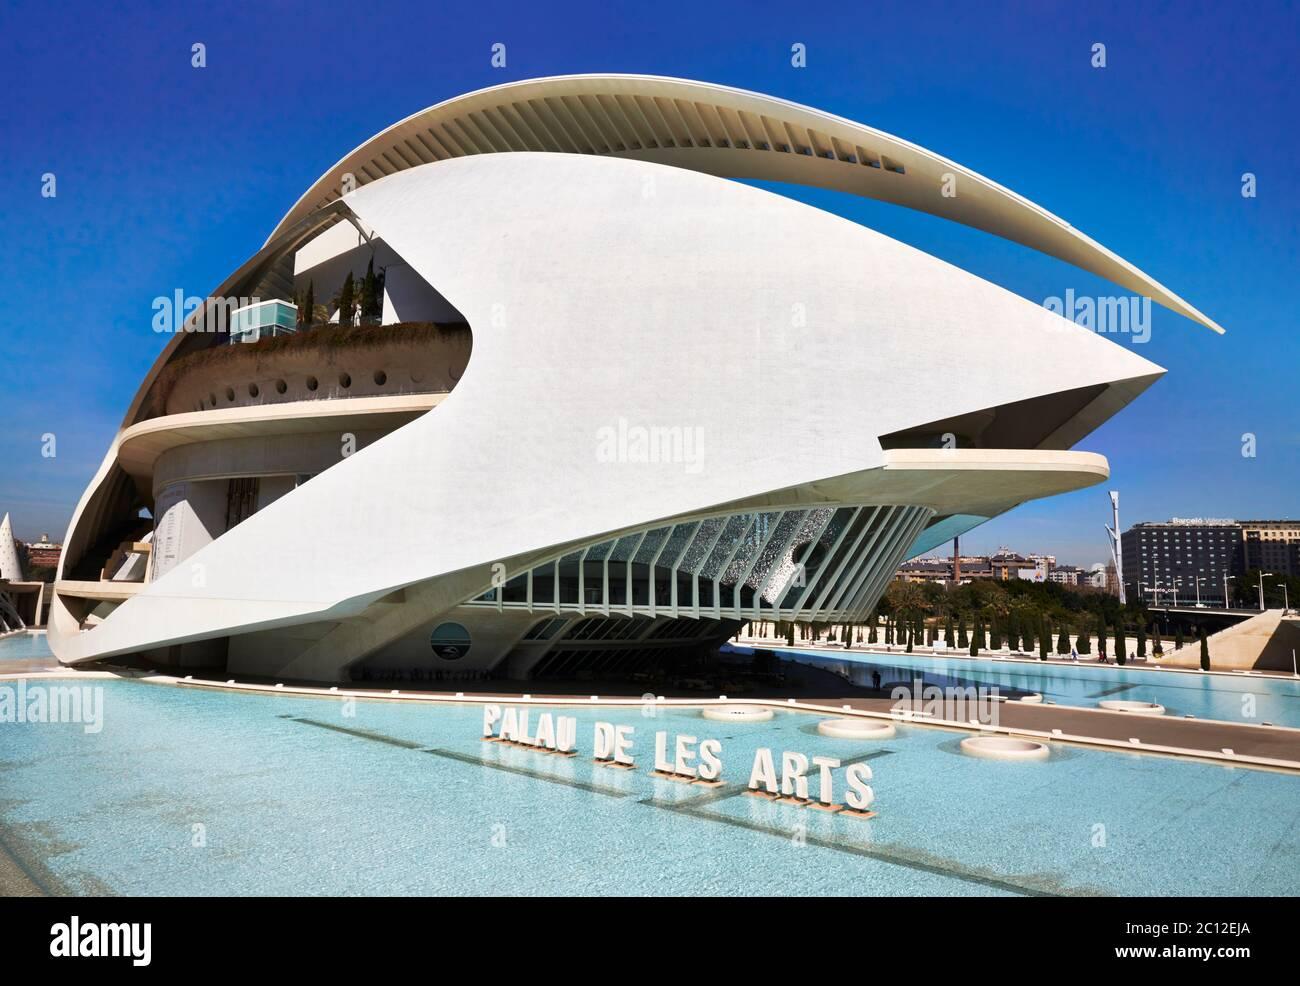 Futuriste El Palau de les Arts Reina Sofia, opéra et centre culturel, Valence, Espagne. Banque D'Images